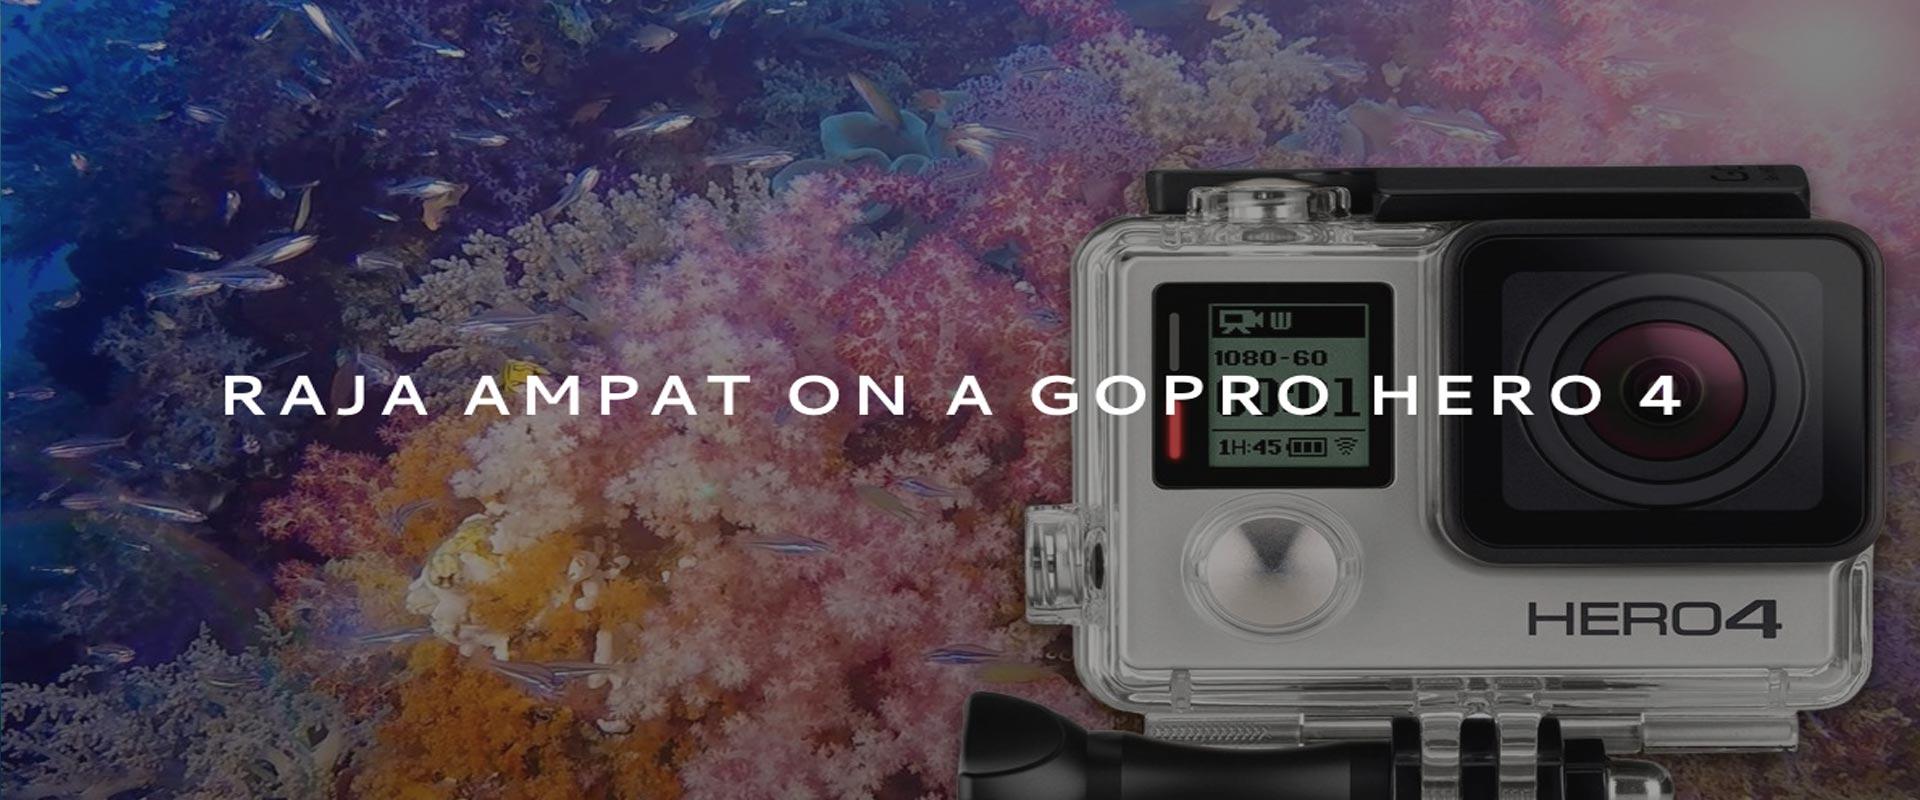 GoPro-video-header